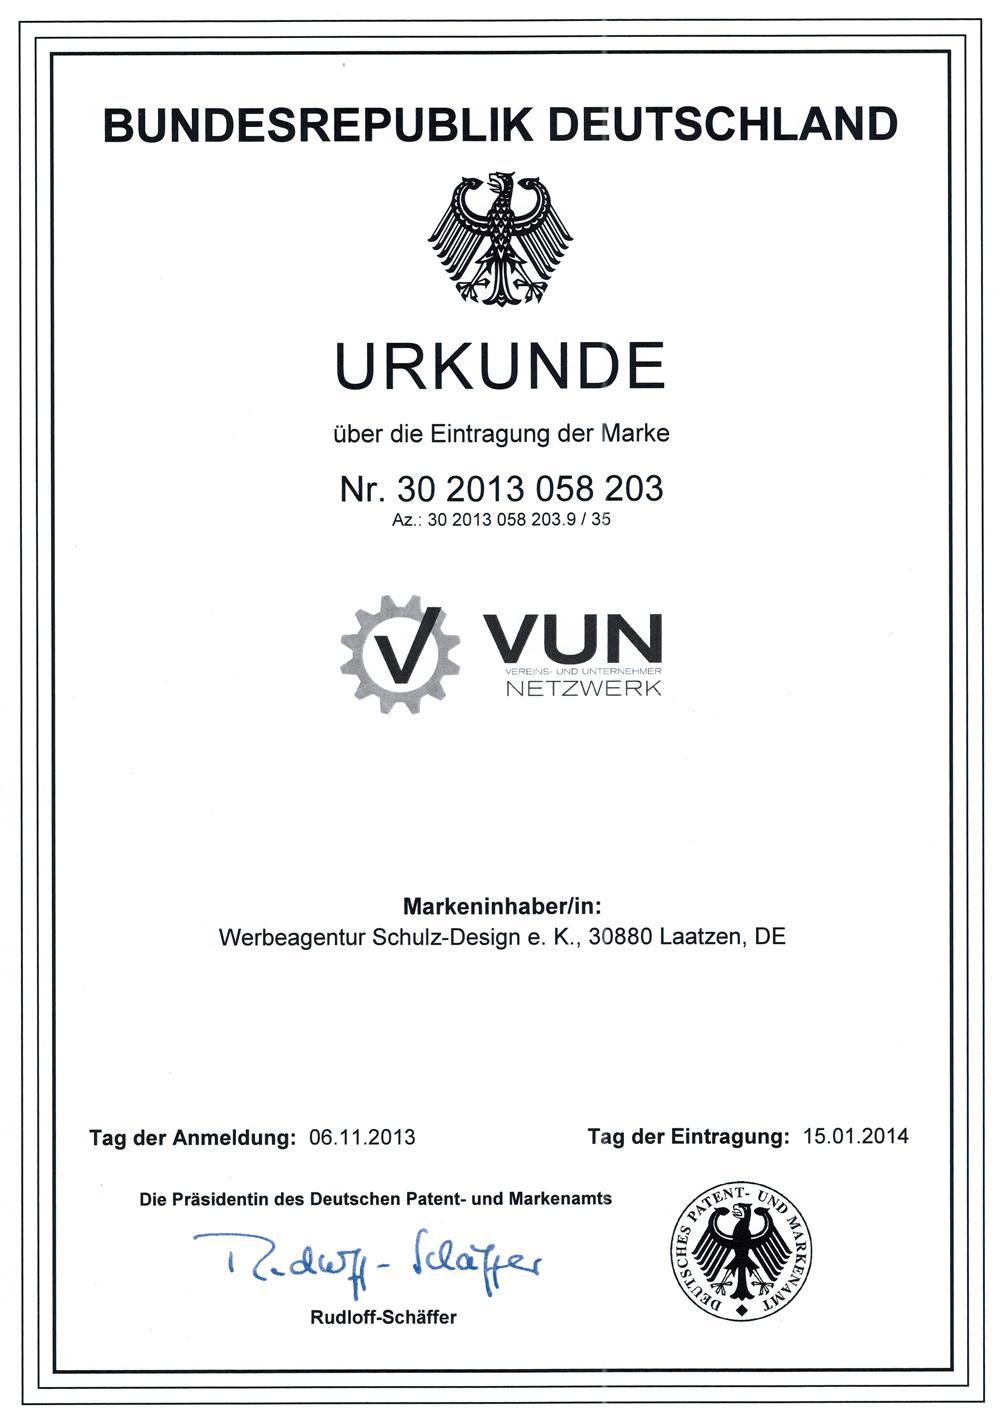 VUN Urkunde Deutsches Patent- und Markenamt